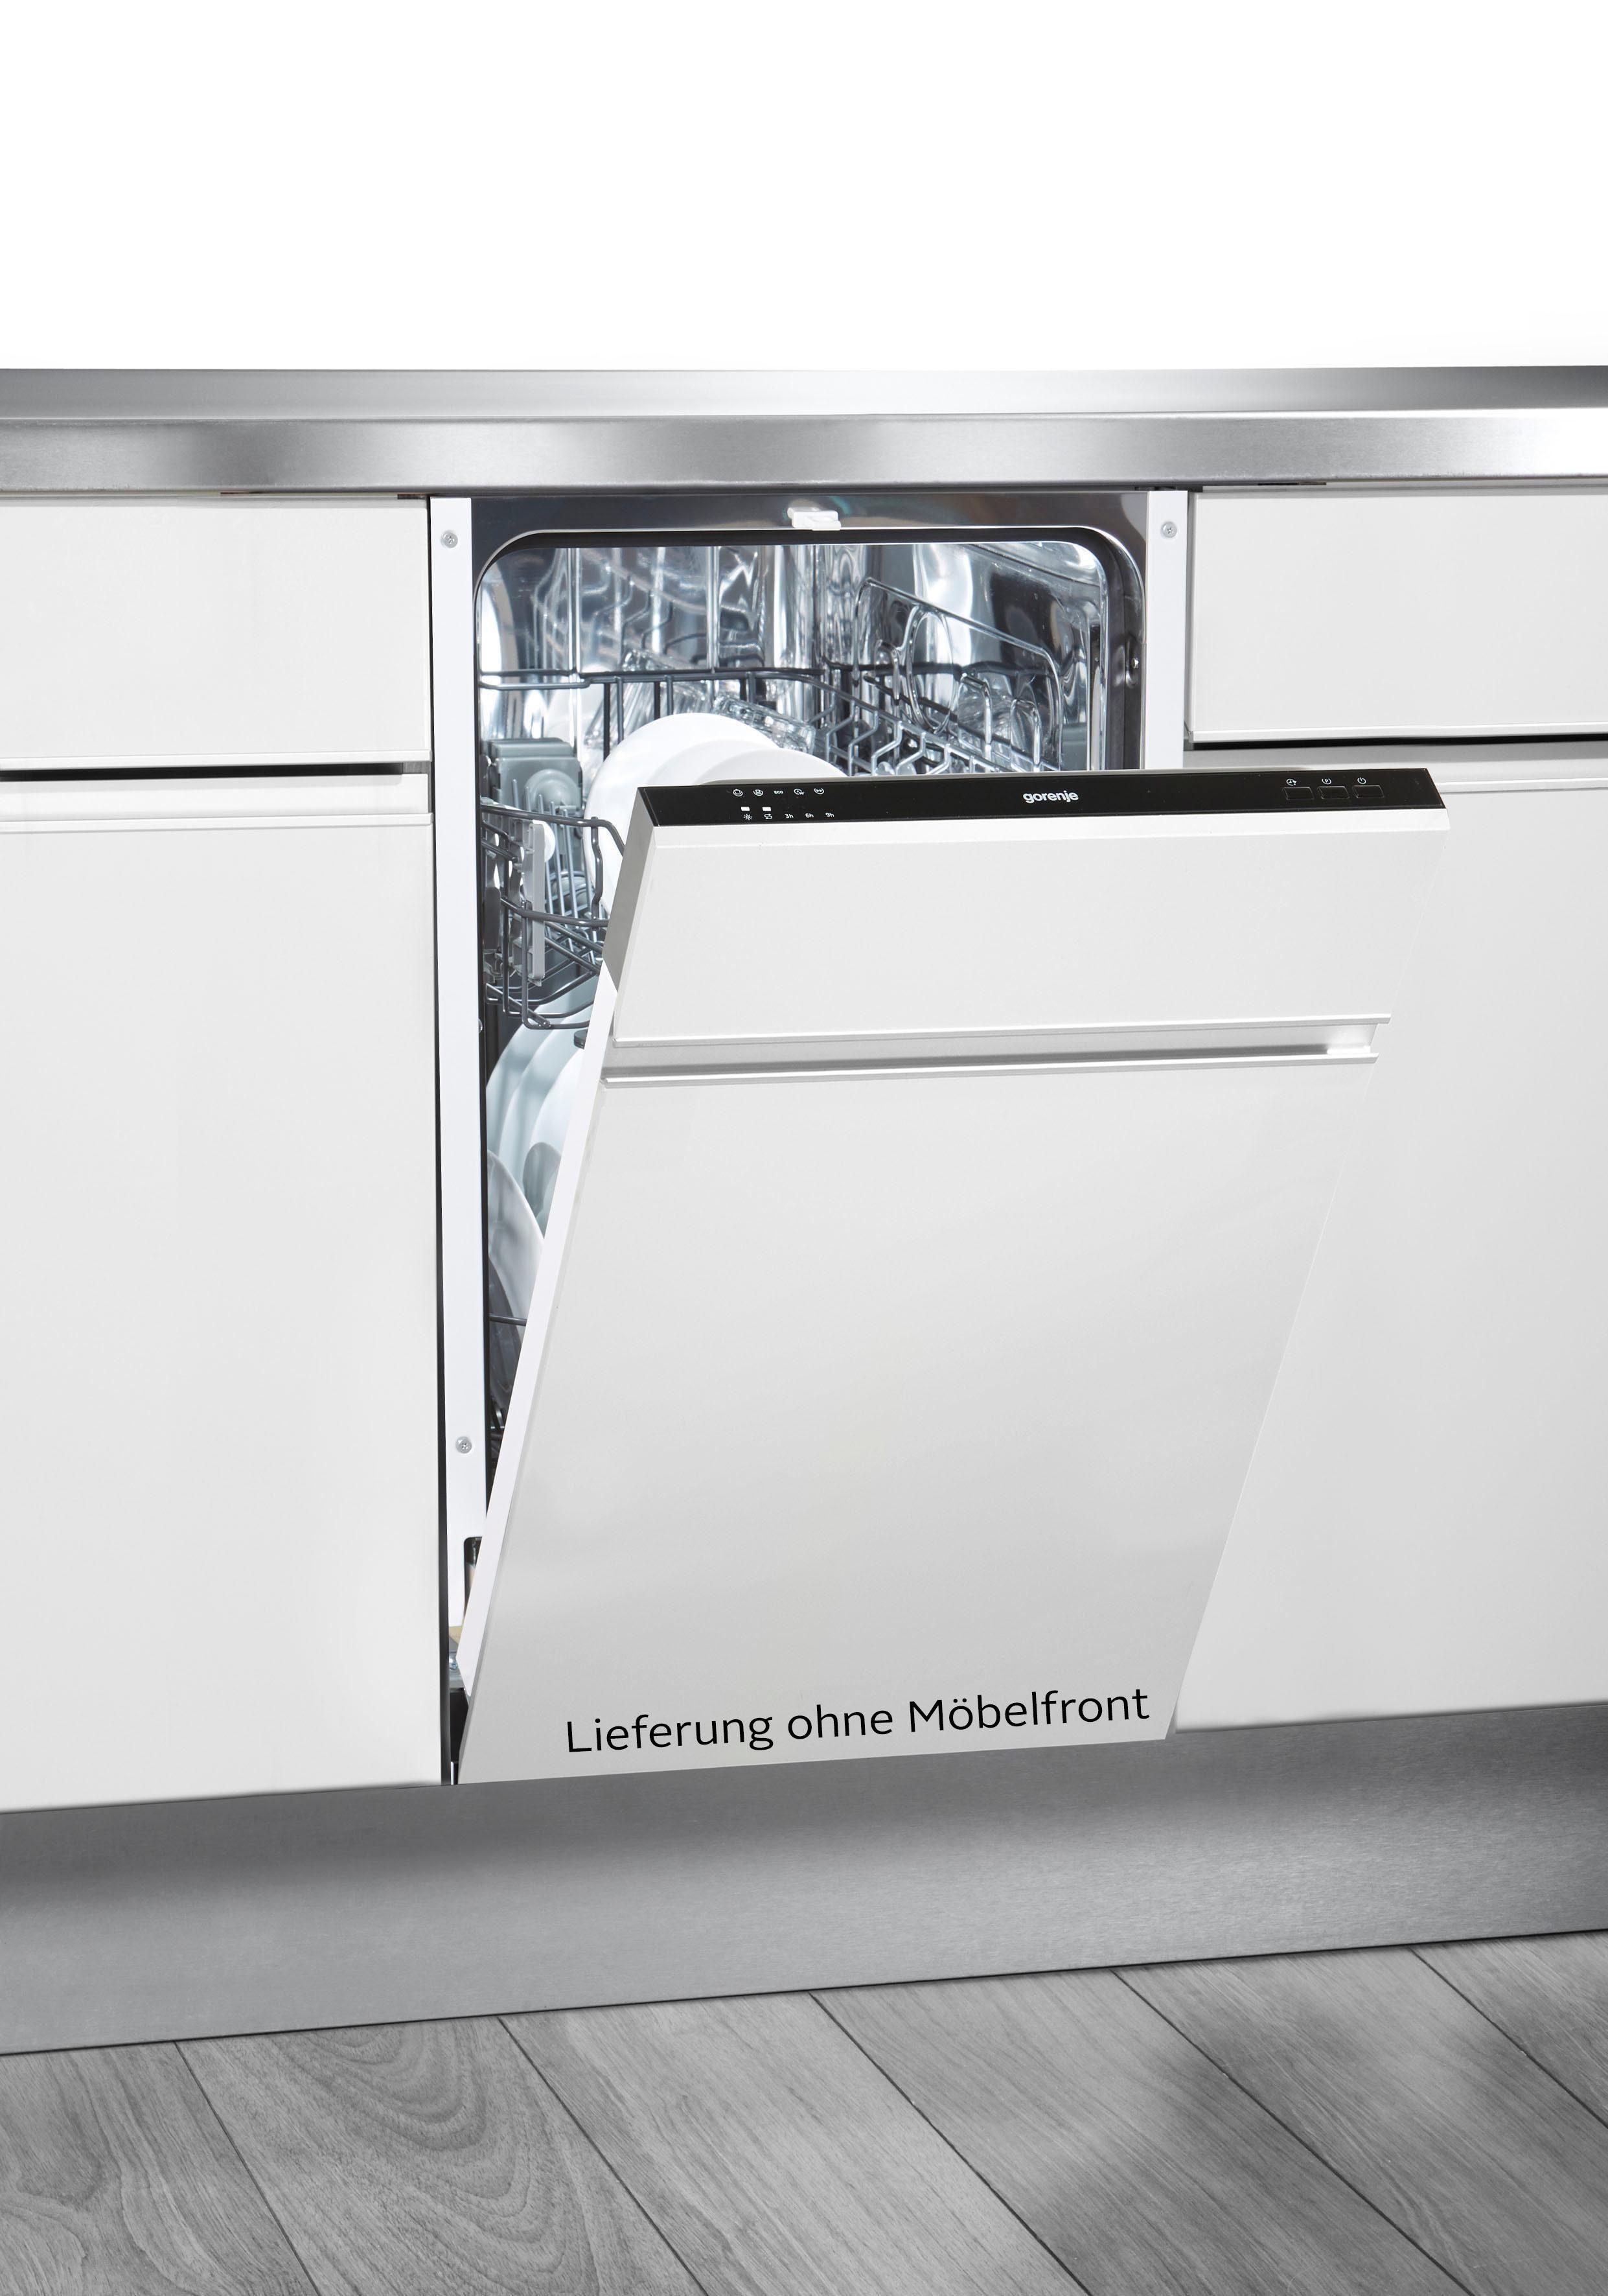 GORENJE vollintegrierbarer Geschirrspüler, GV 51010, 9 l, 9 Maßgedecke, 45 cm breit